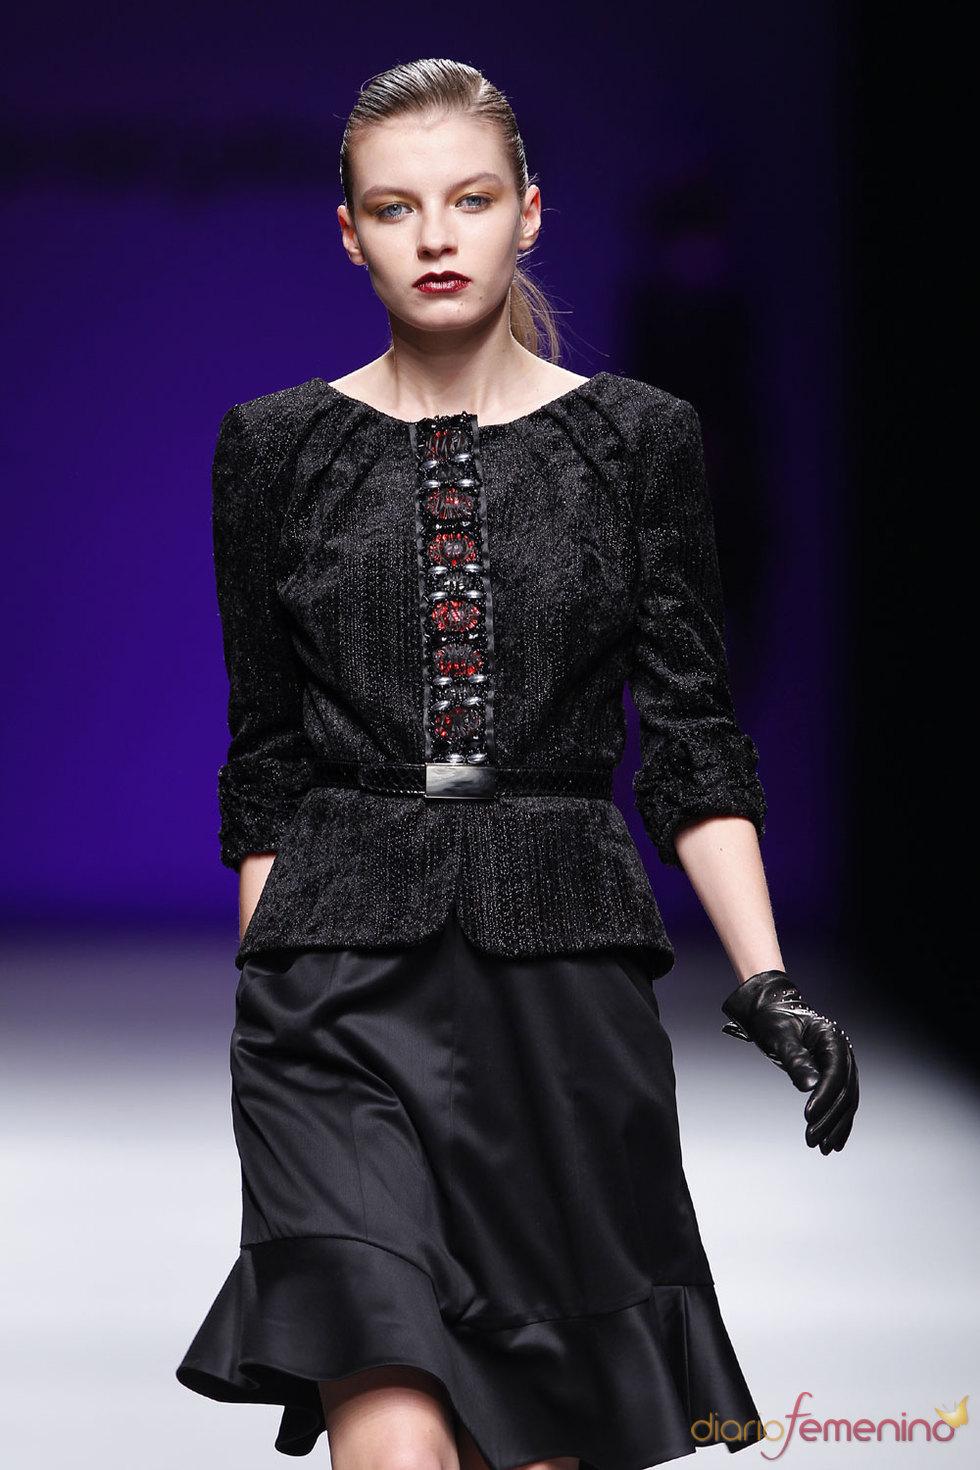 Vestido negro de Javier Larrainzar 2010-2011